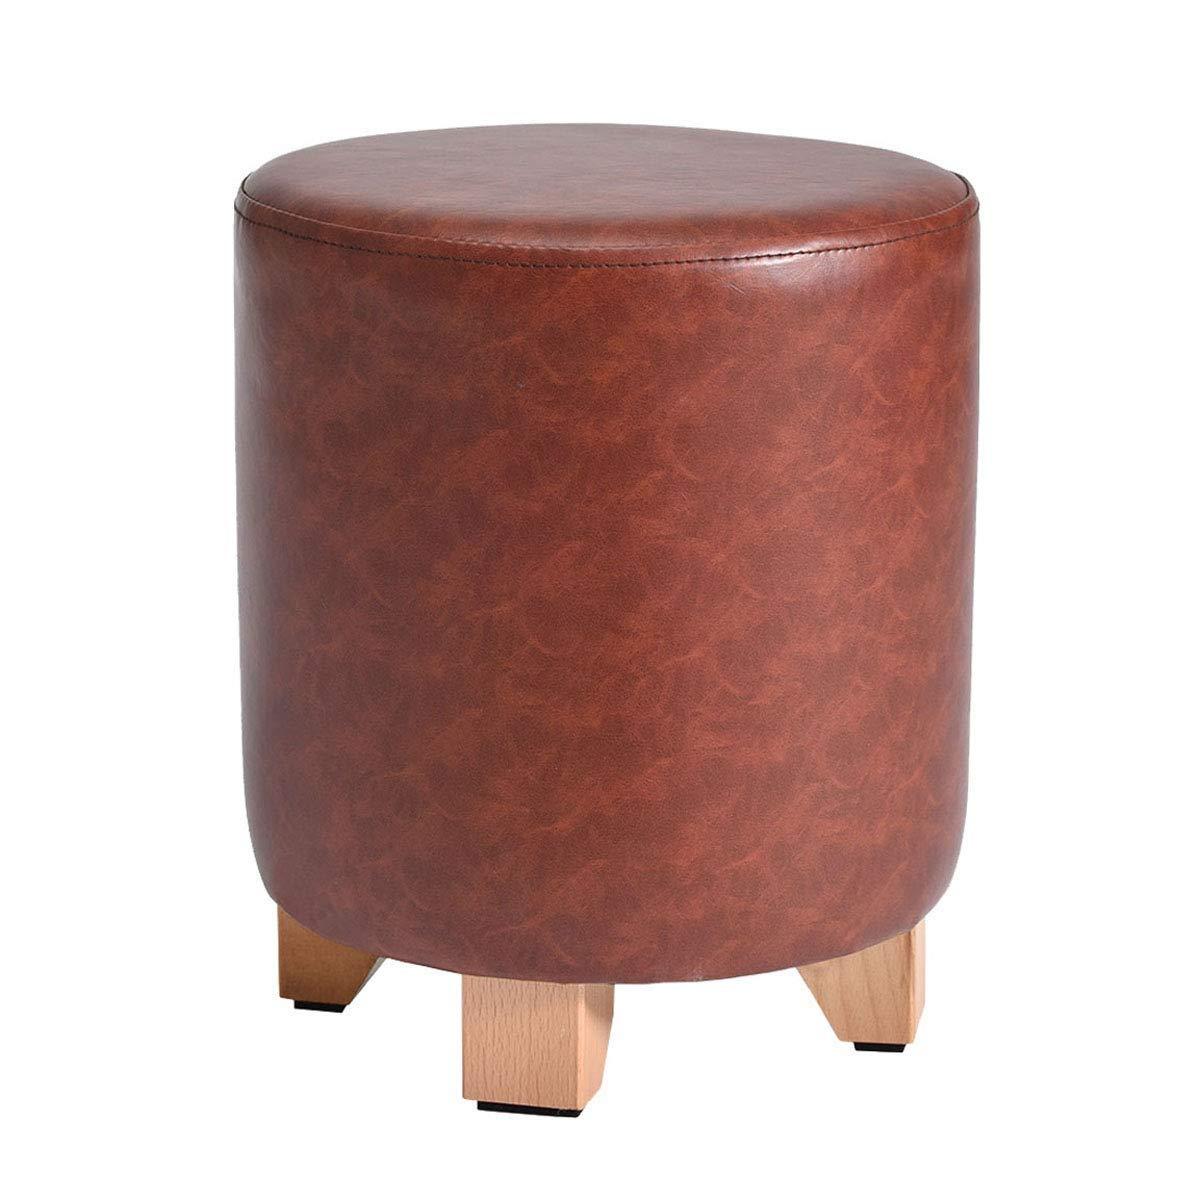 Lob Design Pouf.Amazon Com Kdjb Dm Seat Chair Makeup Seat Pouf Pouf Durable